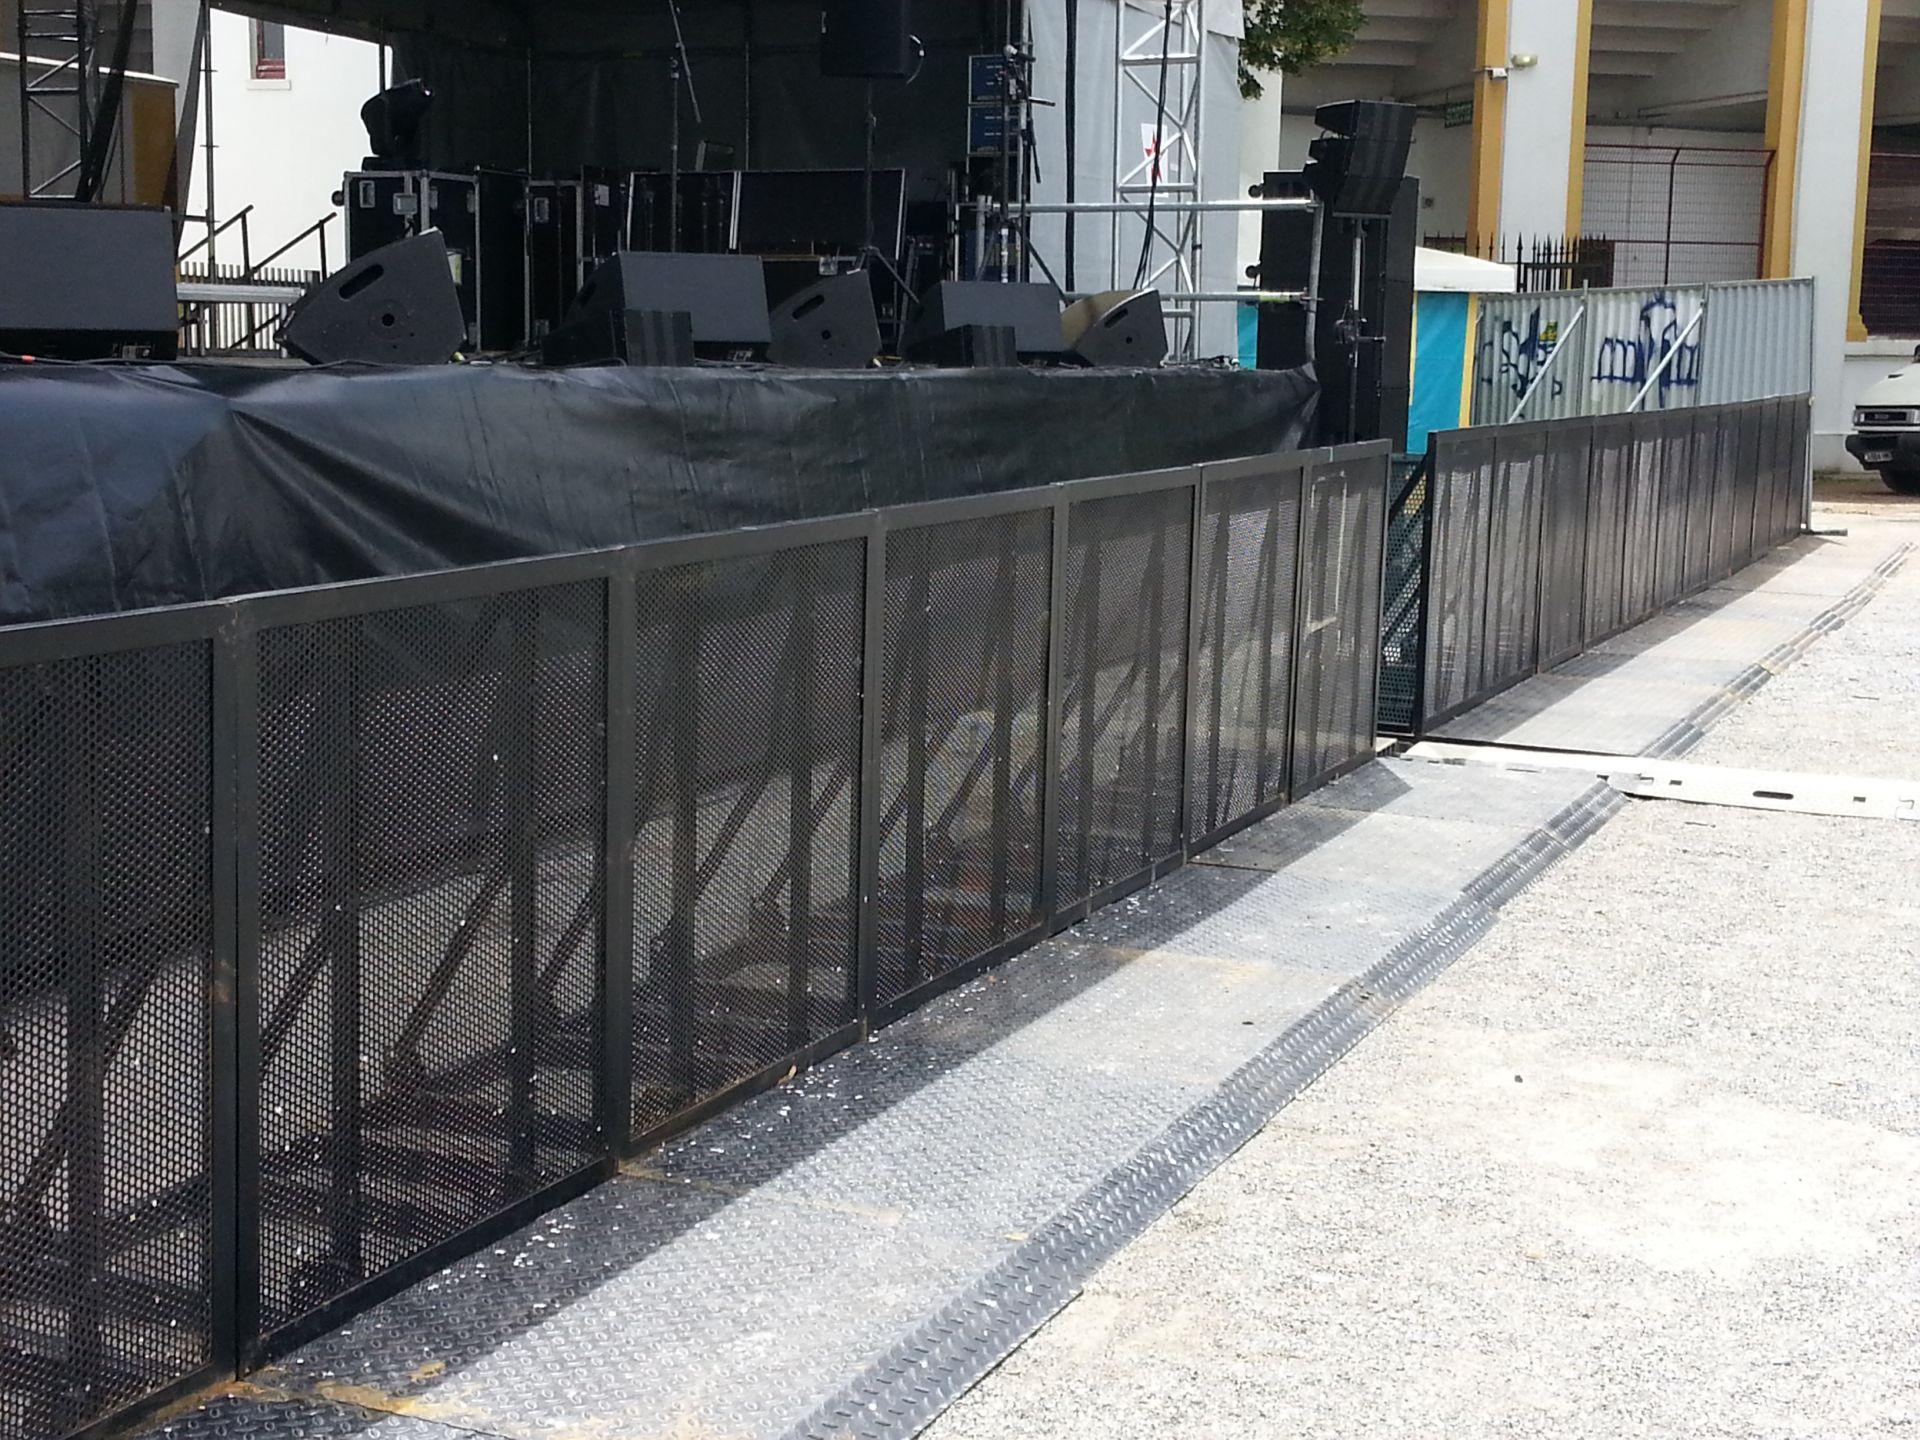 Crash barriere